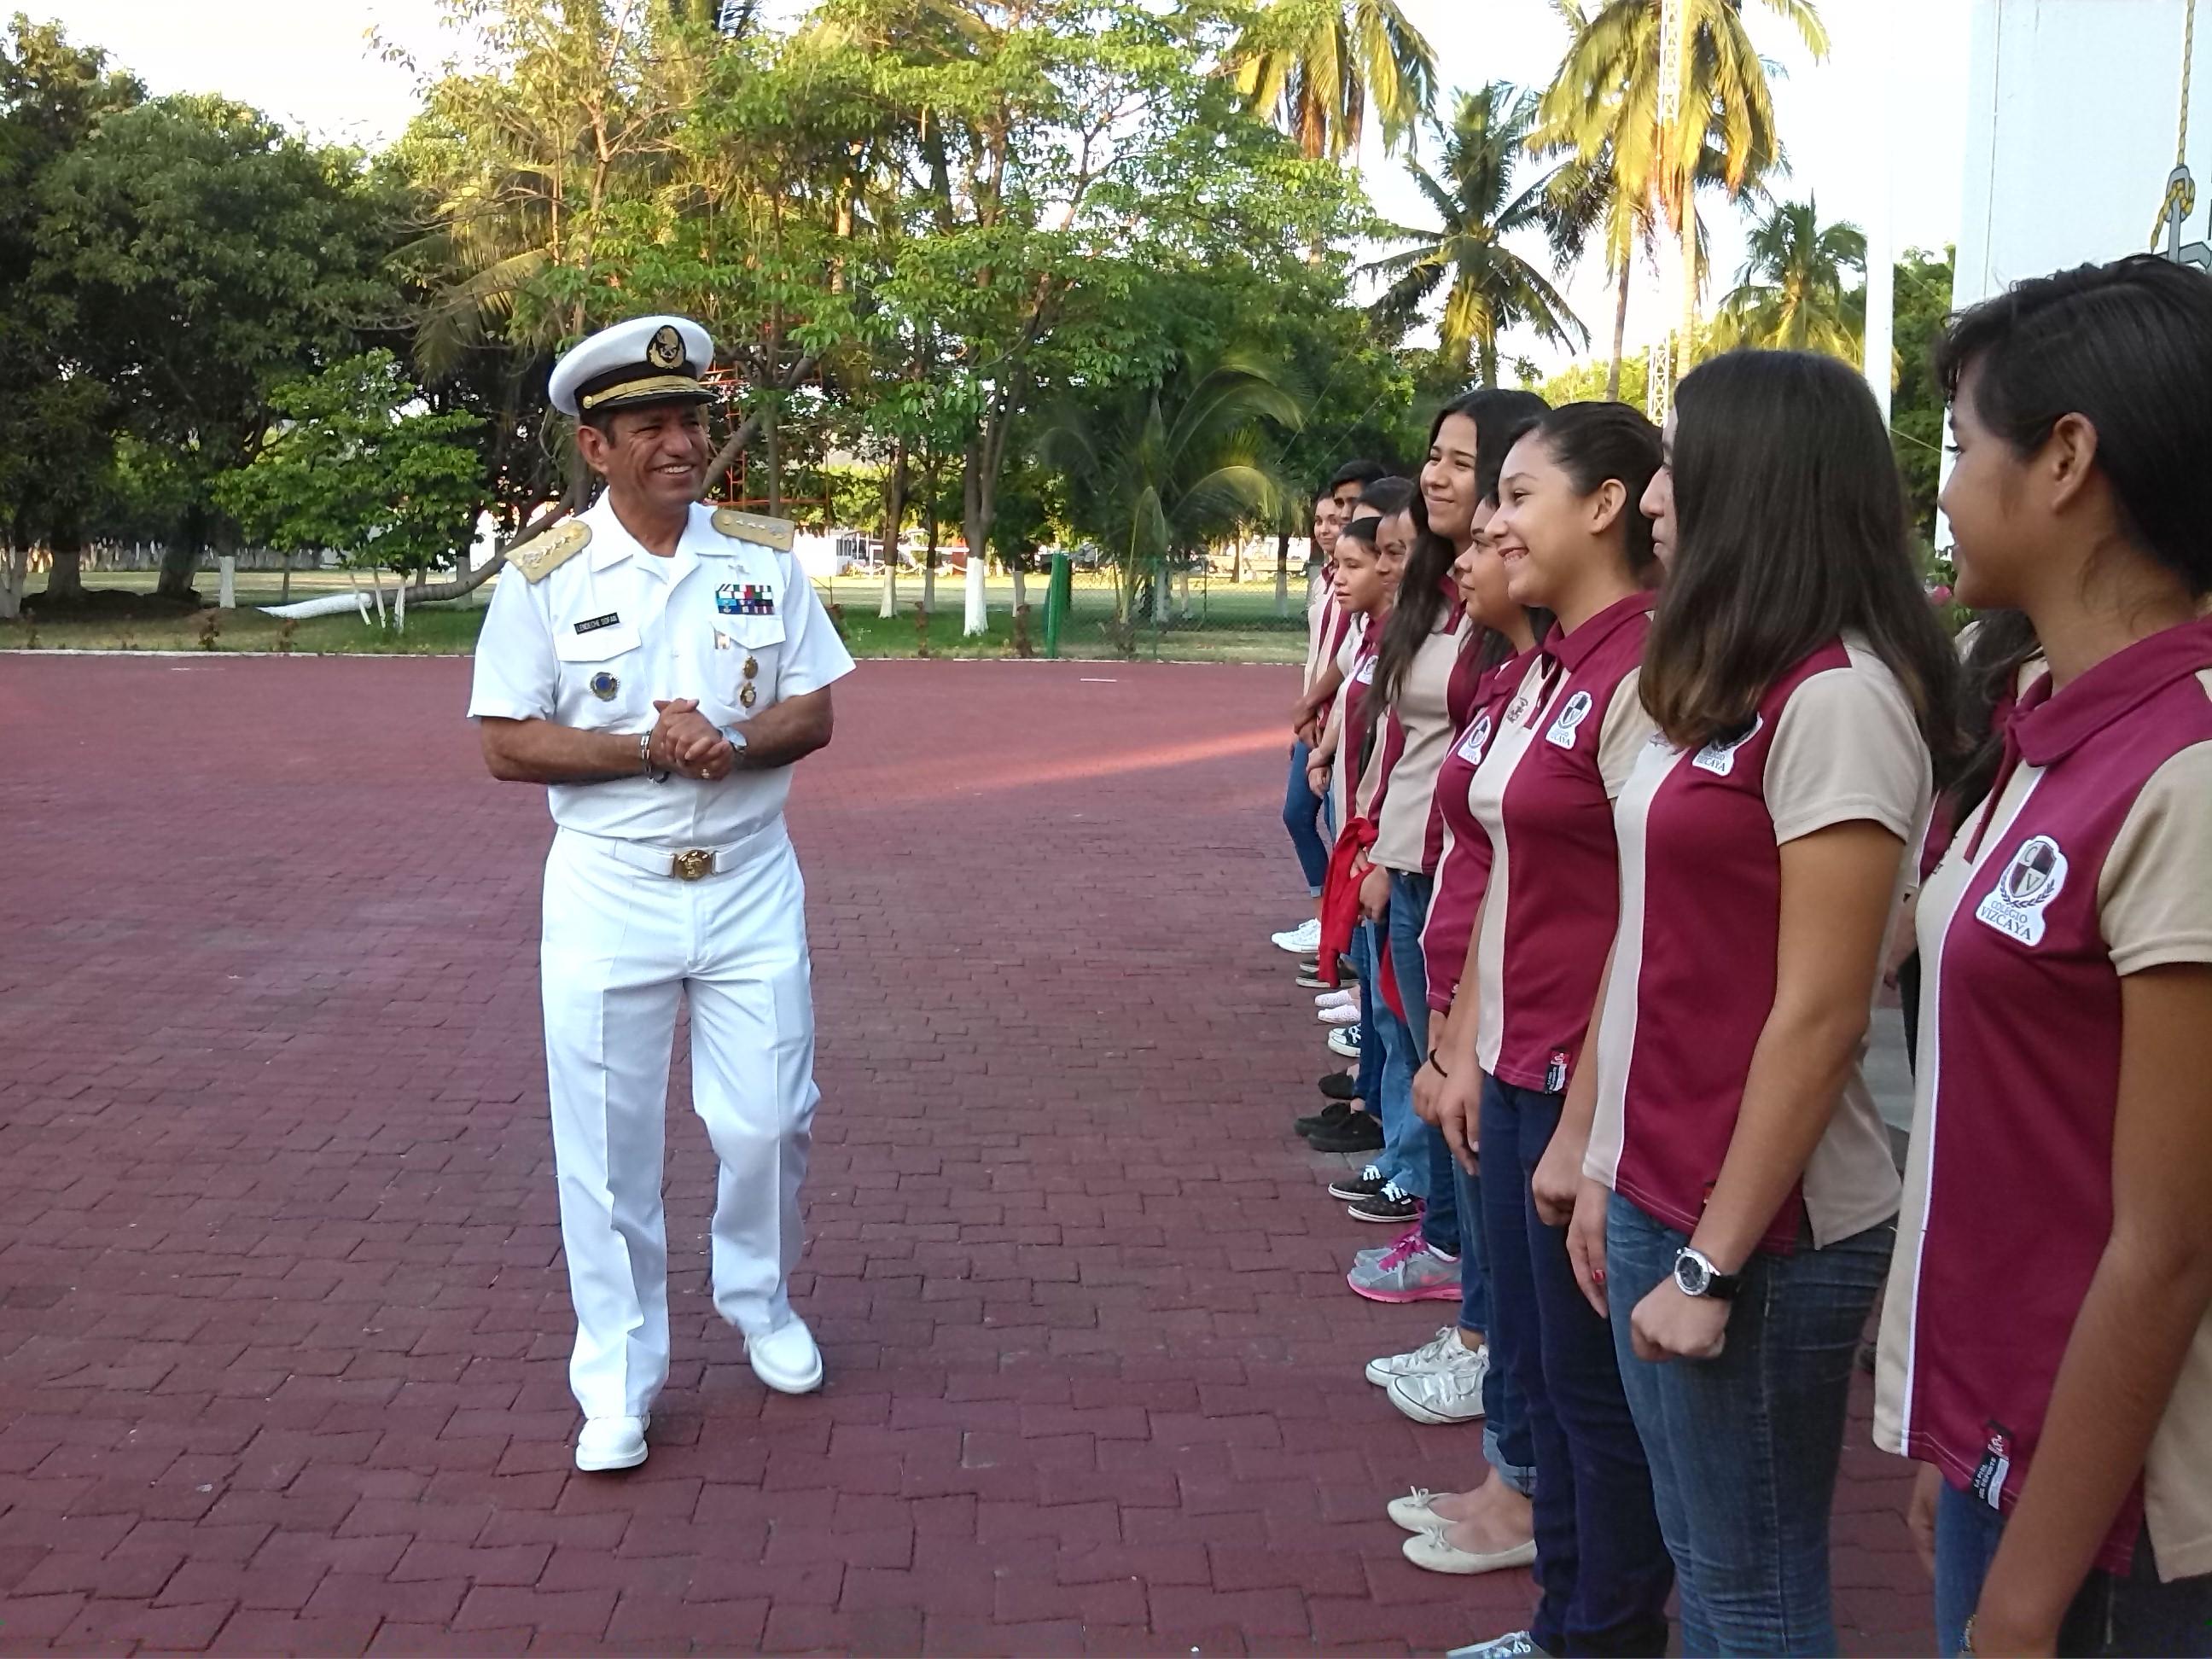 VI Región Naval 06 Jul